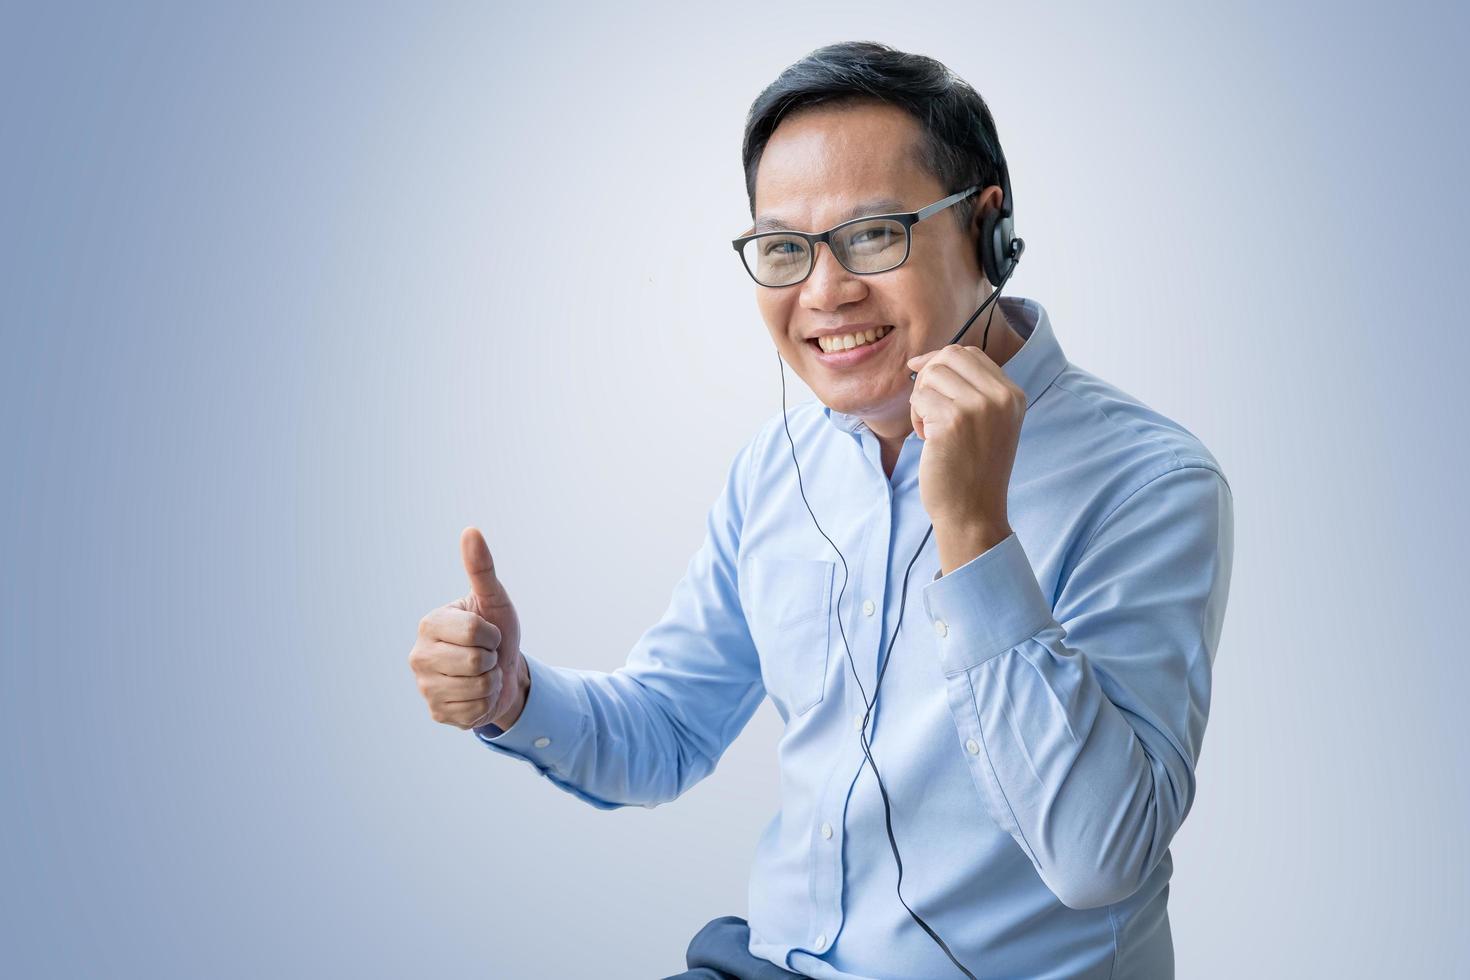 homem de meia idade, tendo chamada no fone de ouvido isolado em fundo azul foto